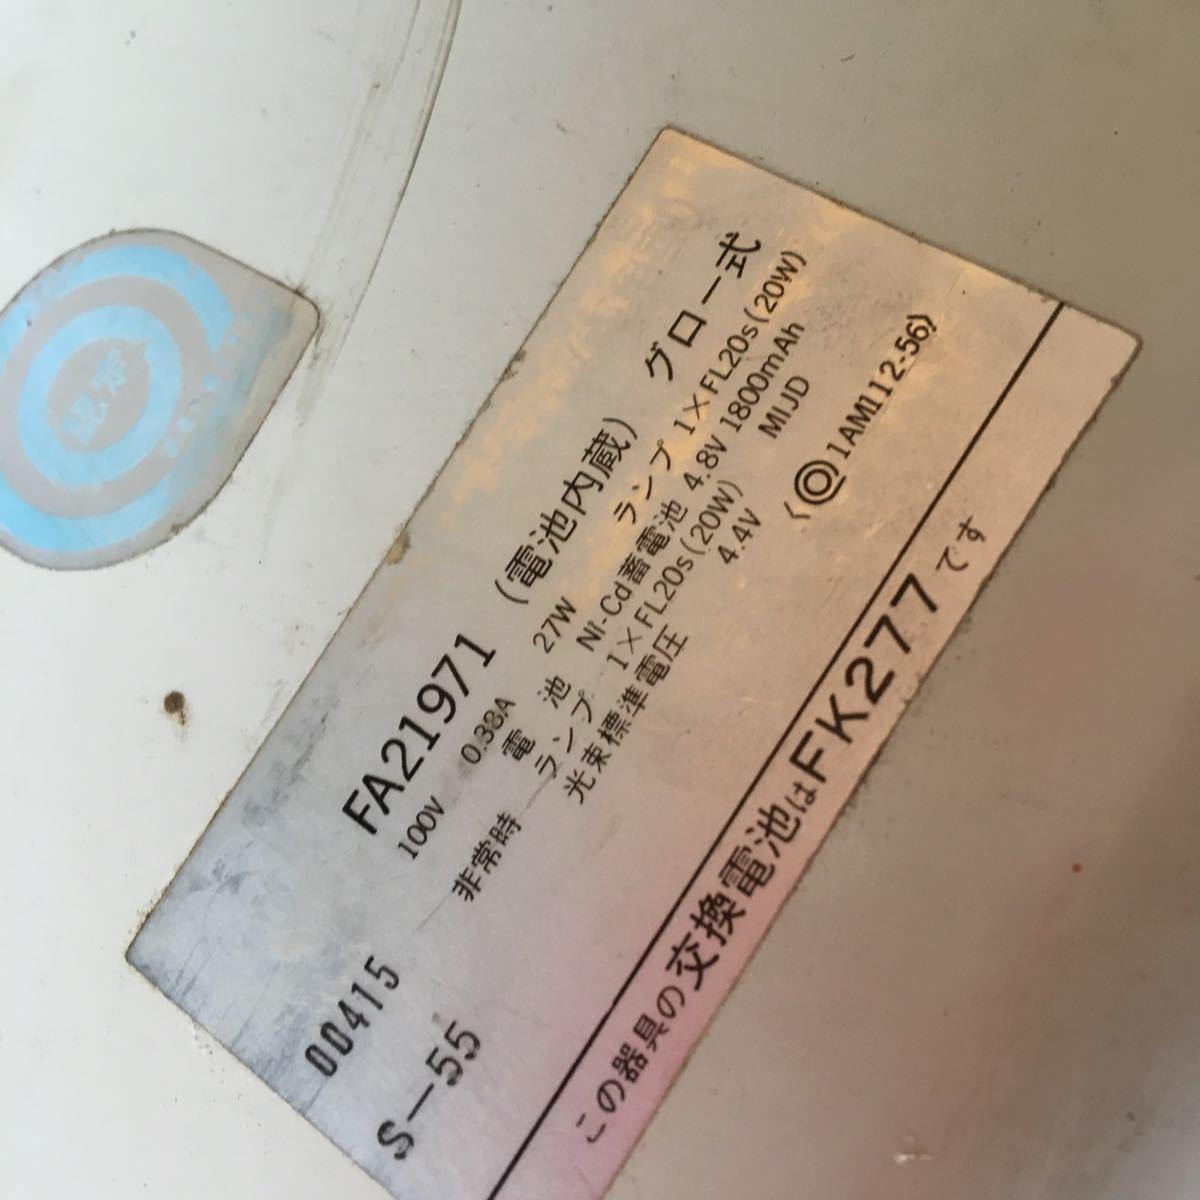 未点検品 誘導灯 片面 非常灯 非難照明 非常口 避難口_画像2